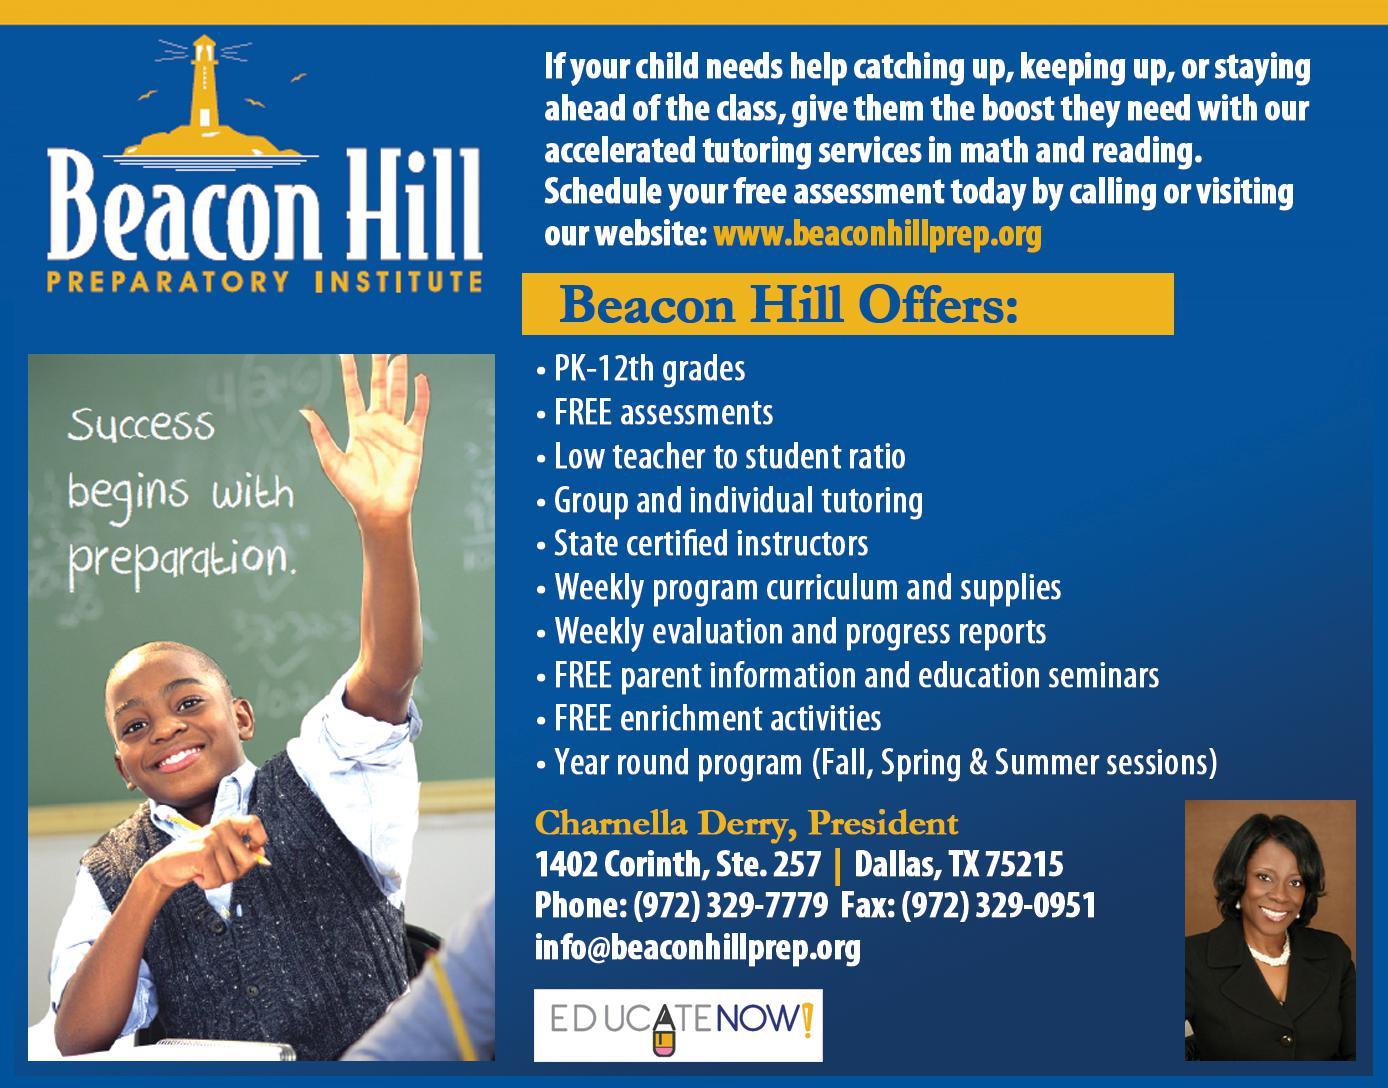 Beacon Hill Preparatory Institute